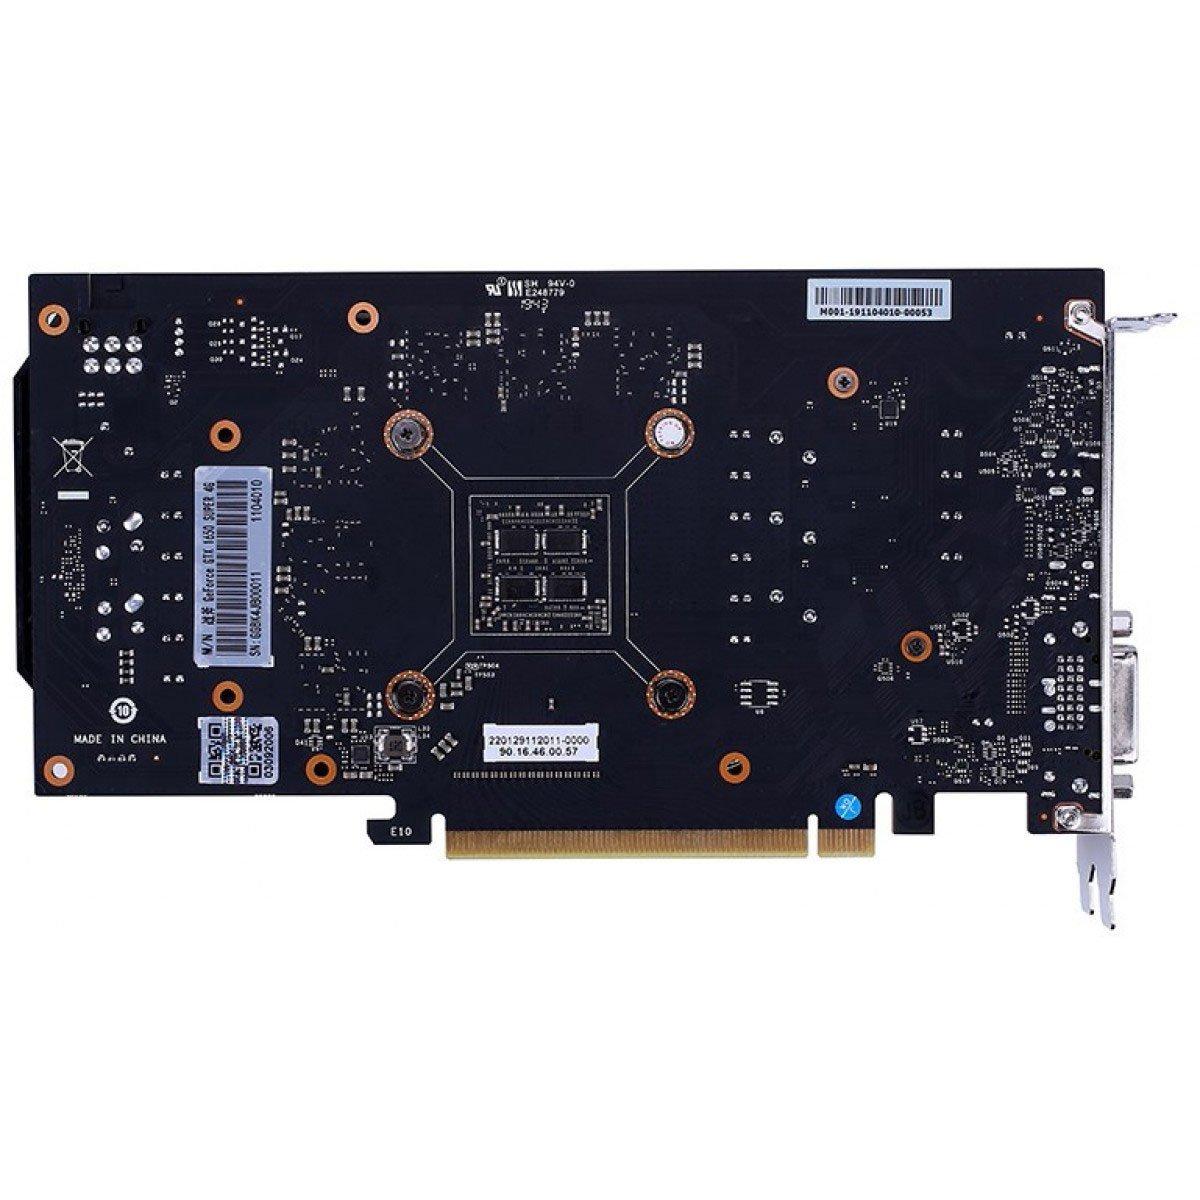 placa de video 4gb gtx1650 colorful super dual gf nvidia 1725mhz hdmi dvi disp gddr6 51081 2000 203449 1